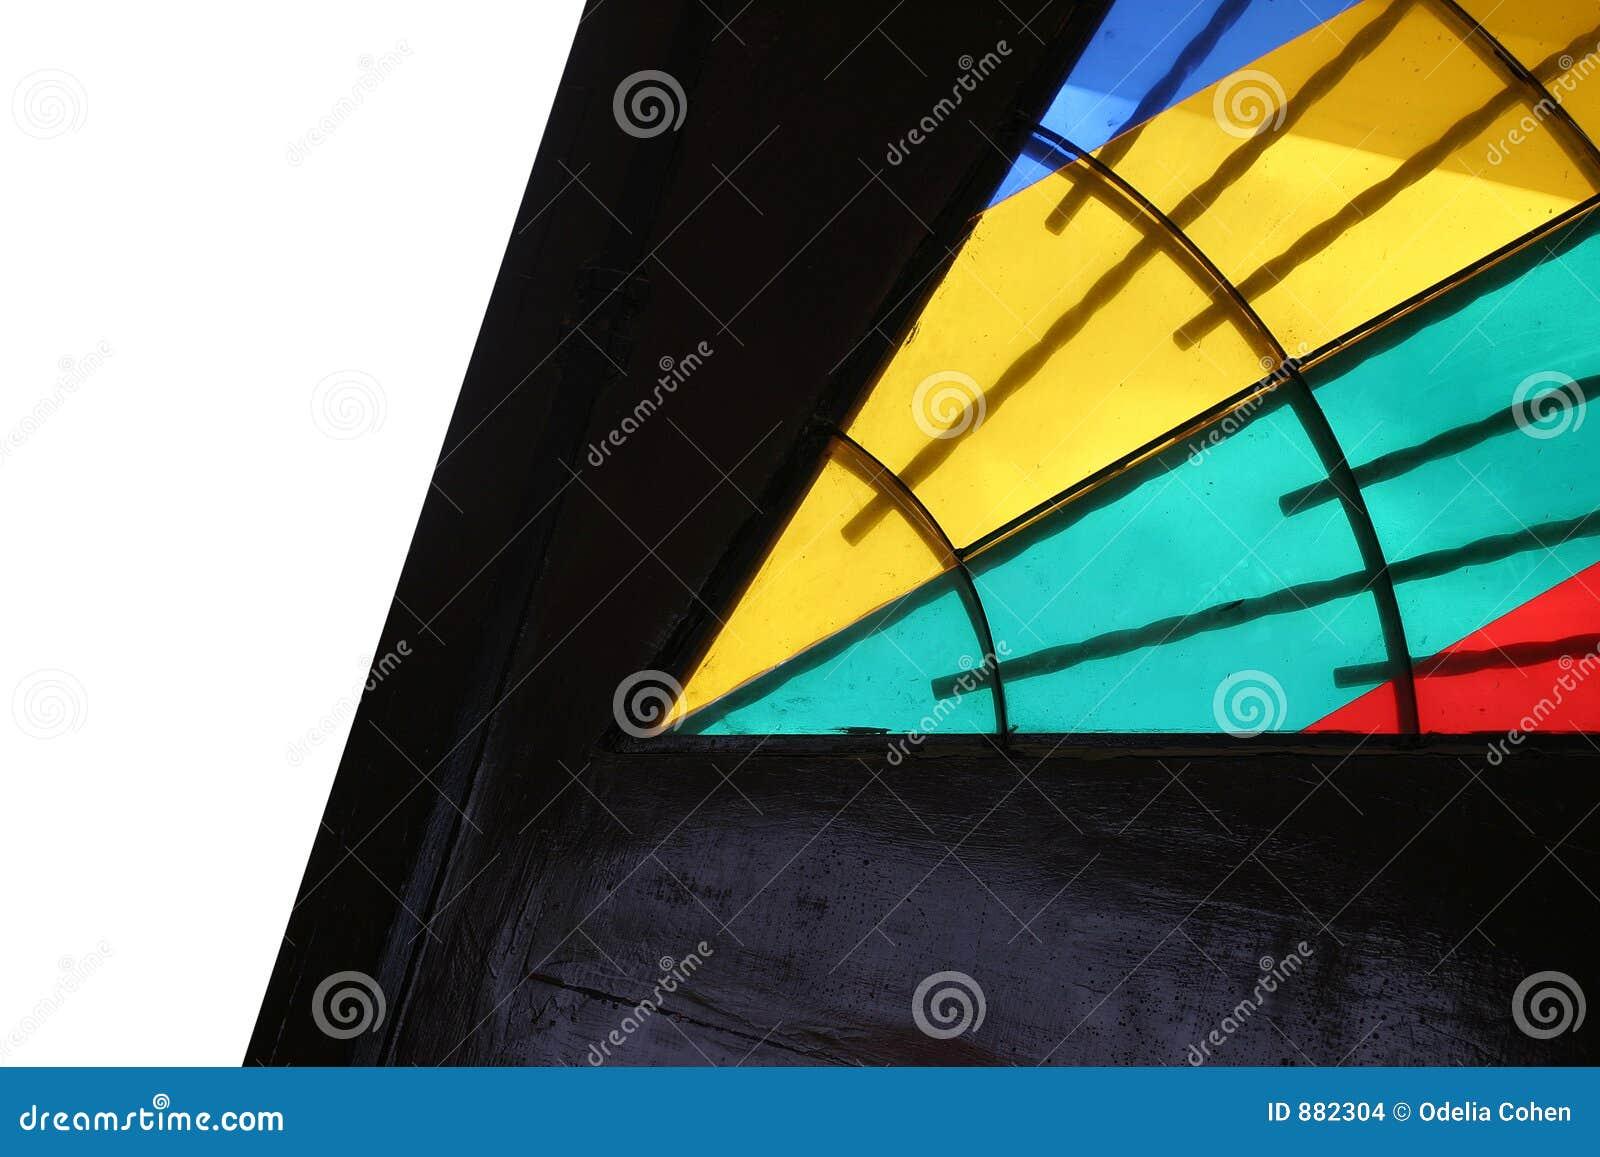 Szkło oznaczane